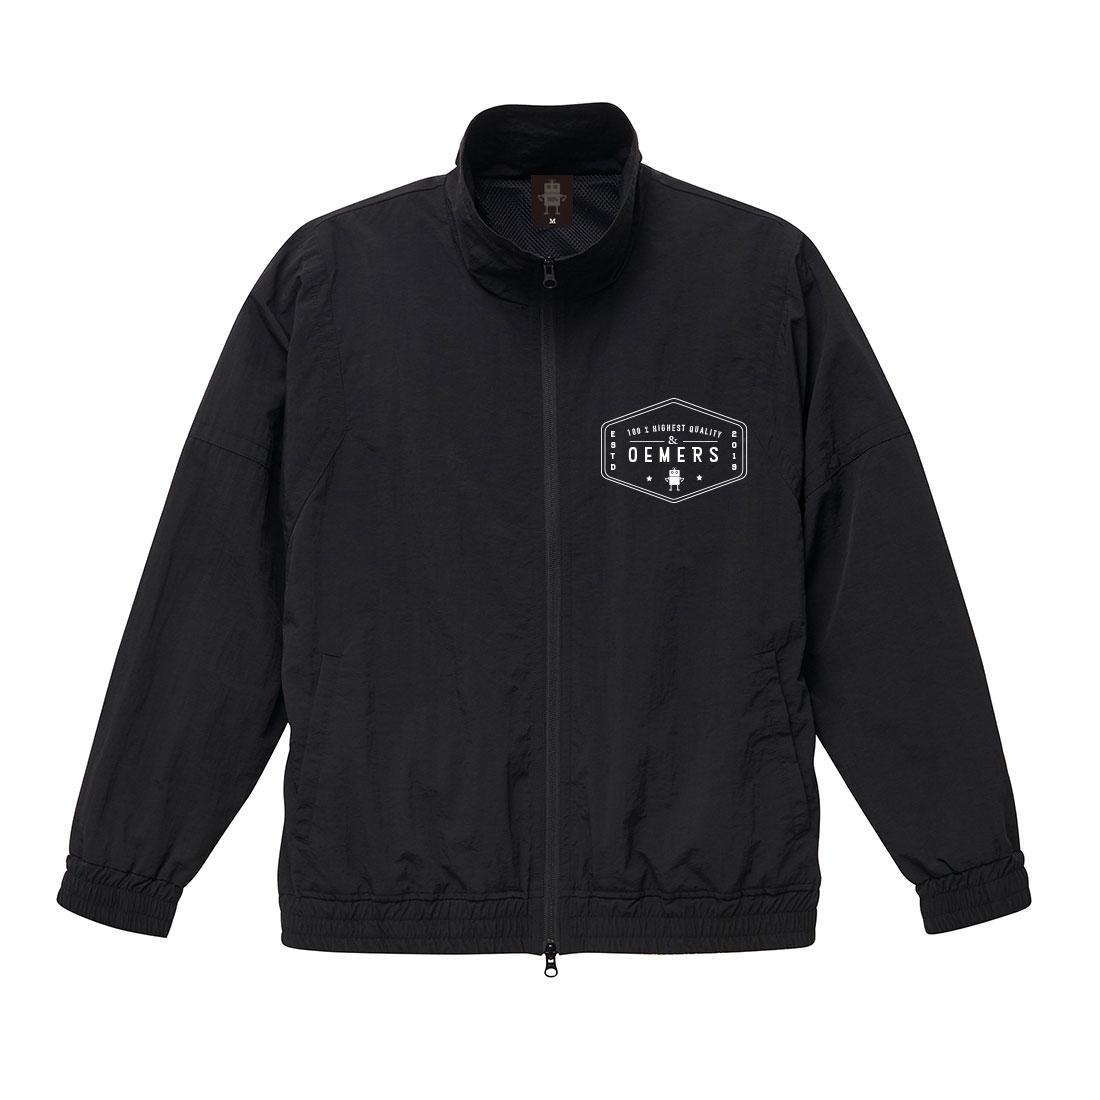 トラックジャケット ブラック